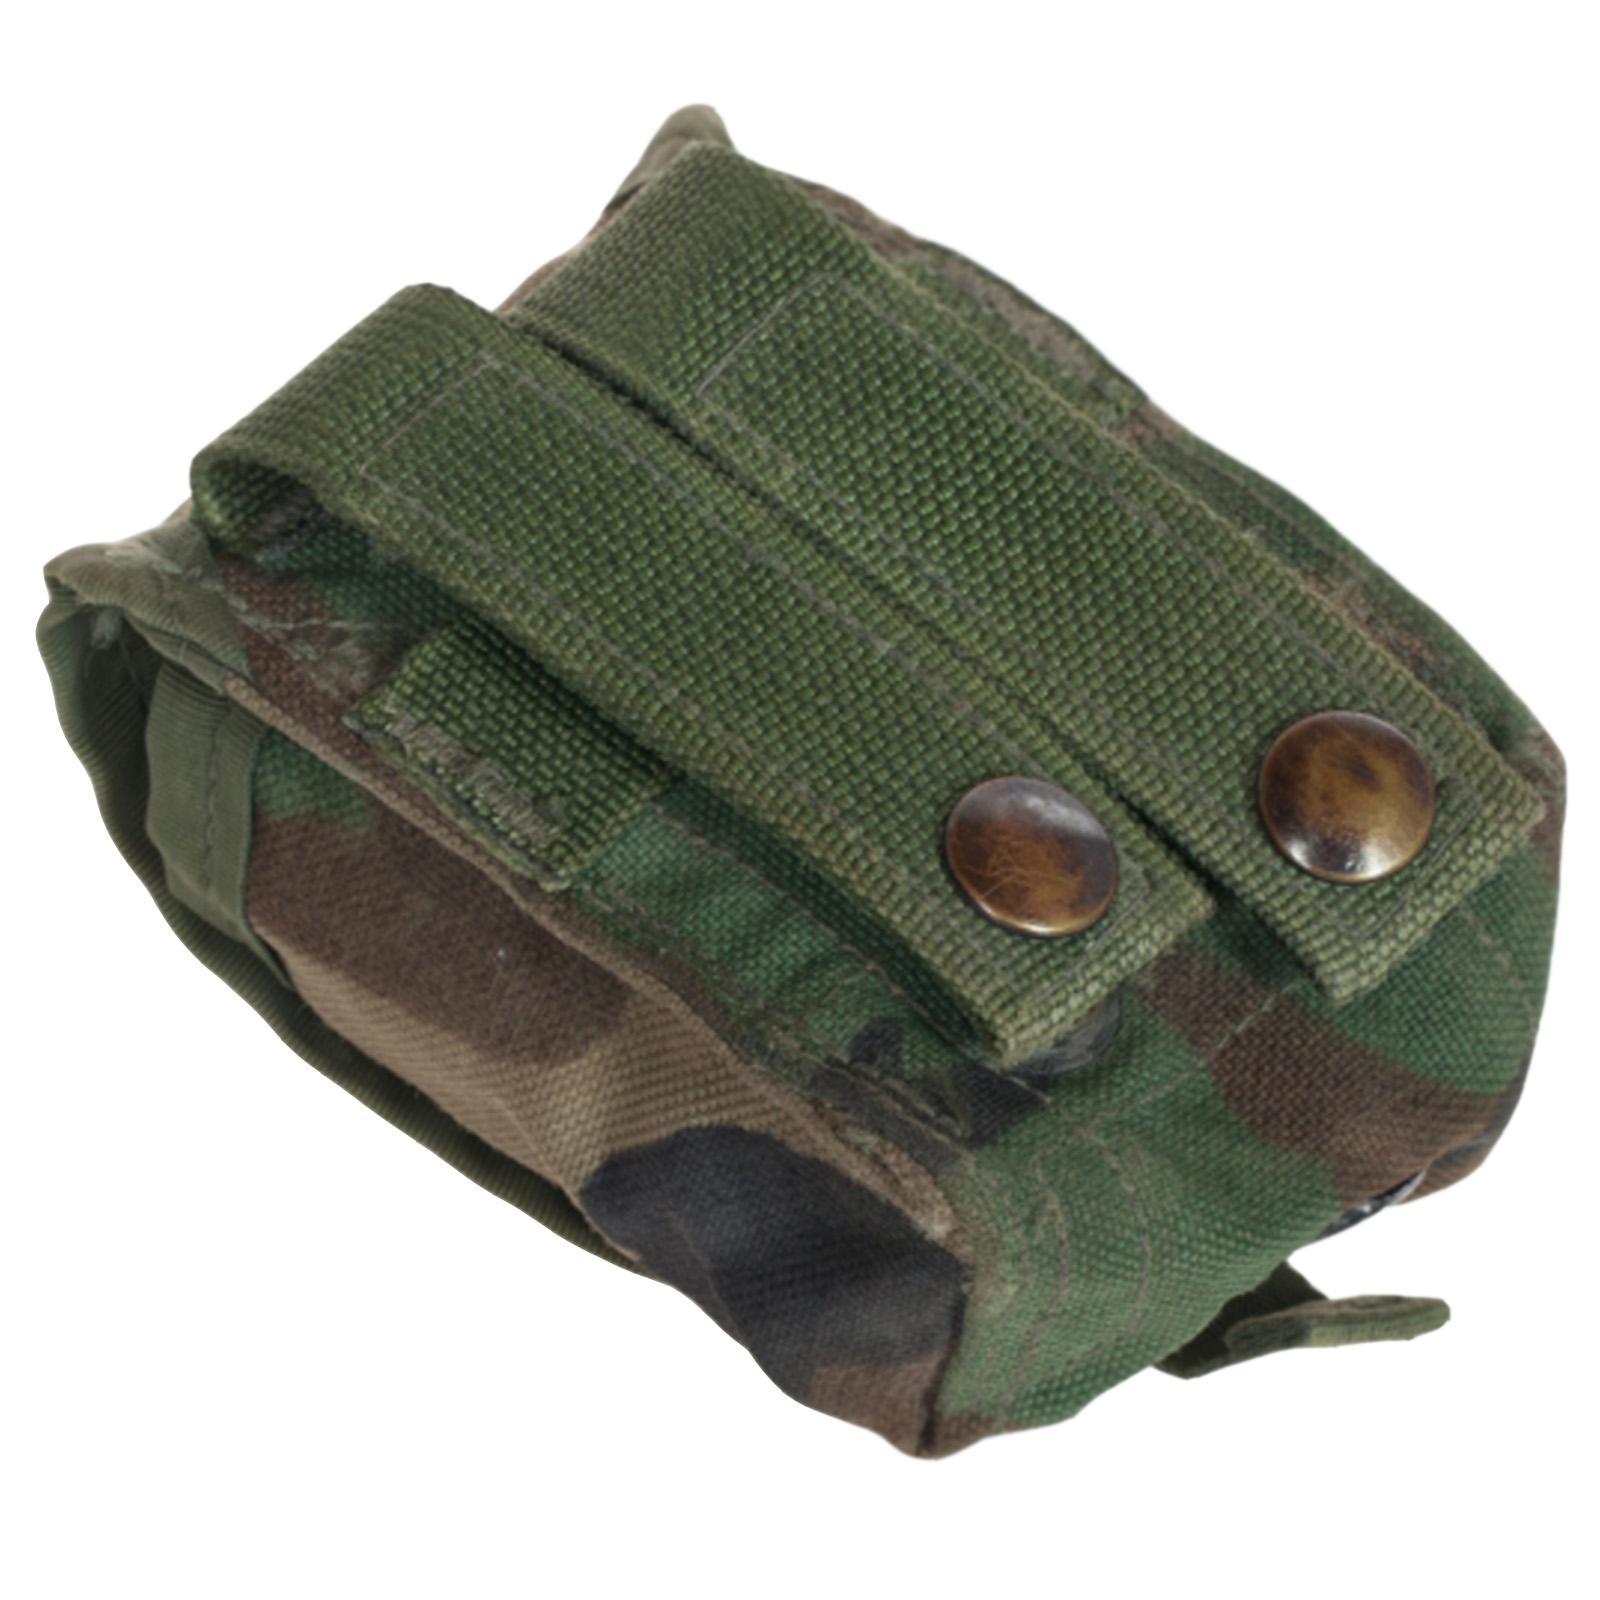 Тактический подсумок Молле для резервной гранаты.